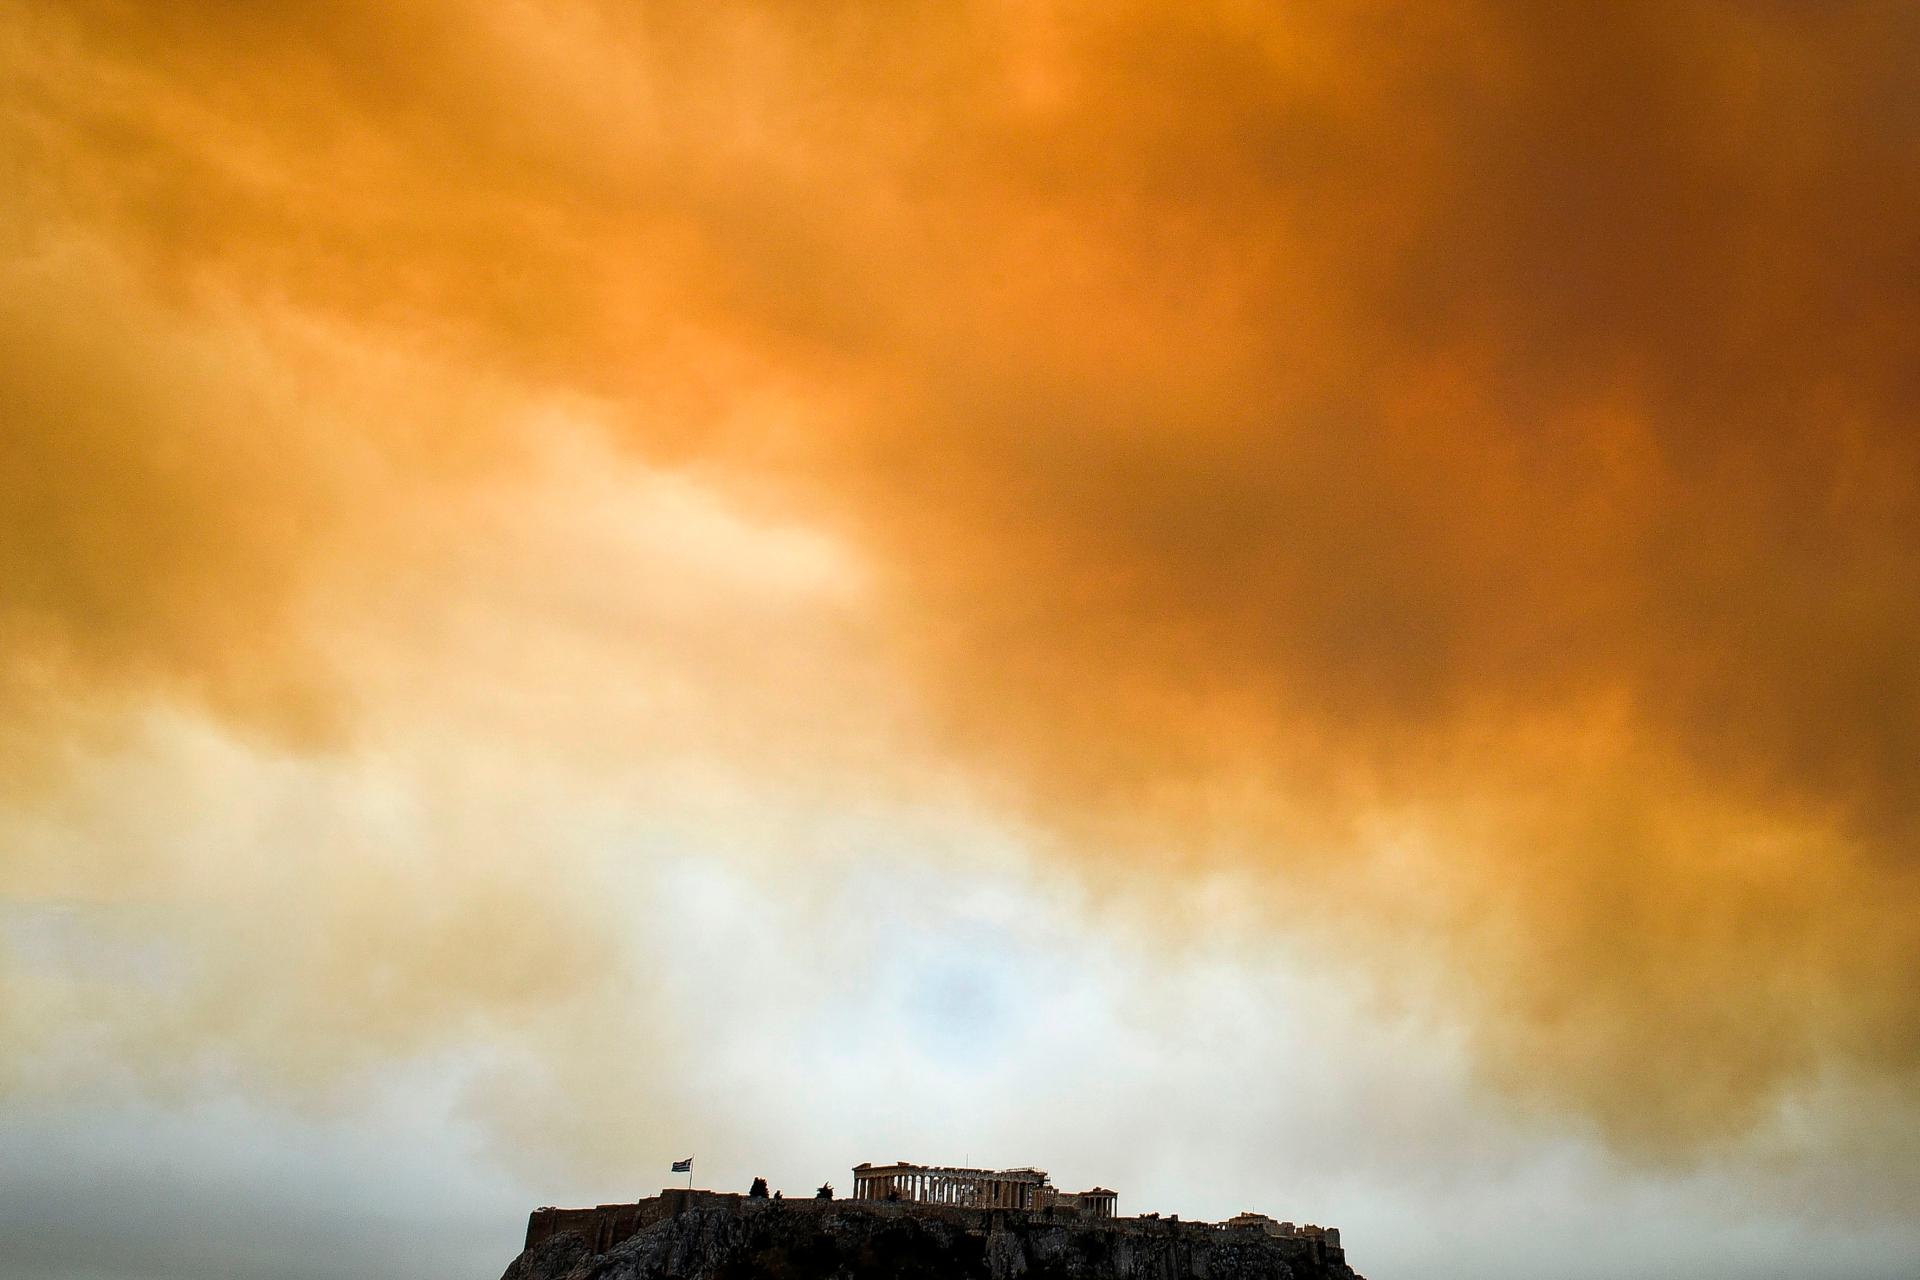 GRECIA Dramma incendi ad Atene, si temono oltre 100 morti